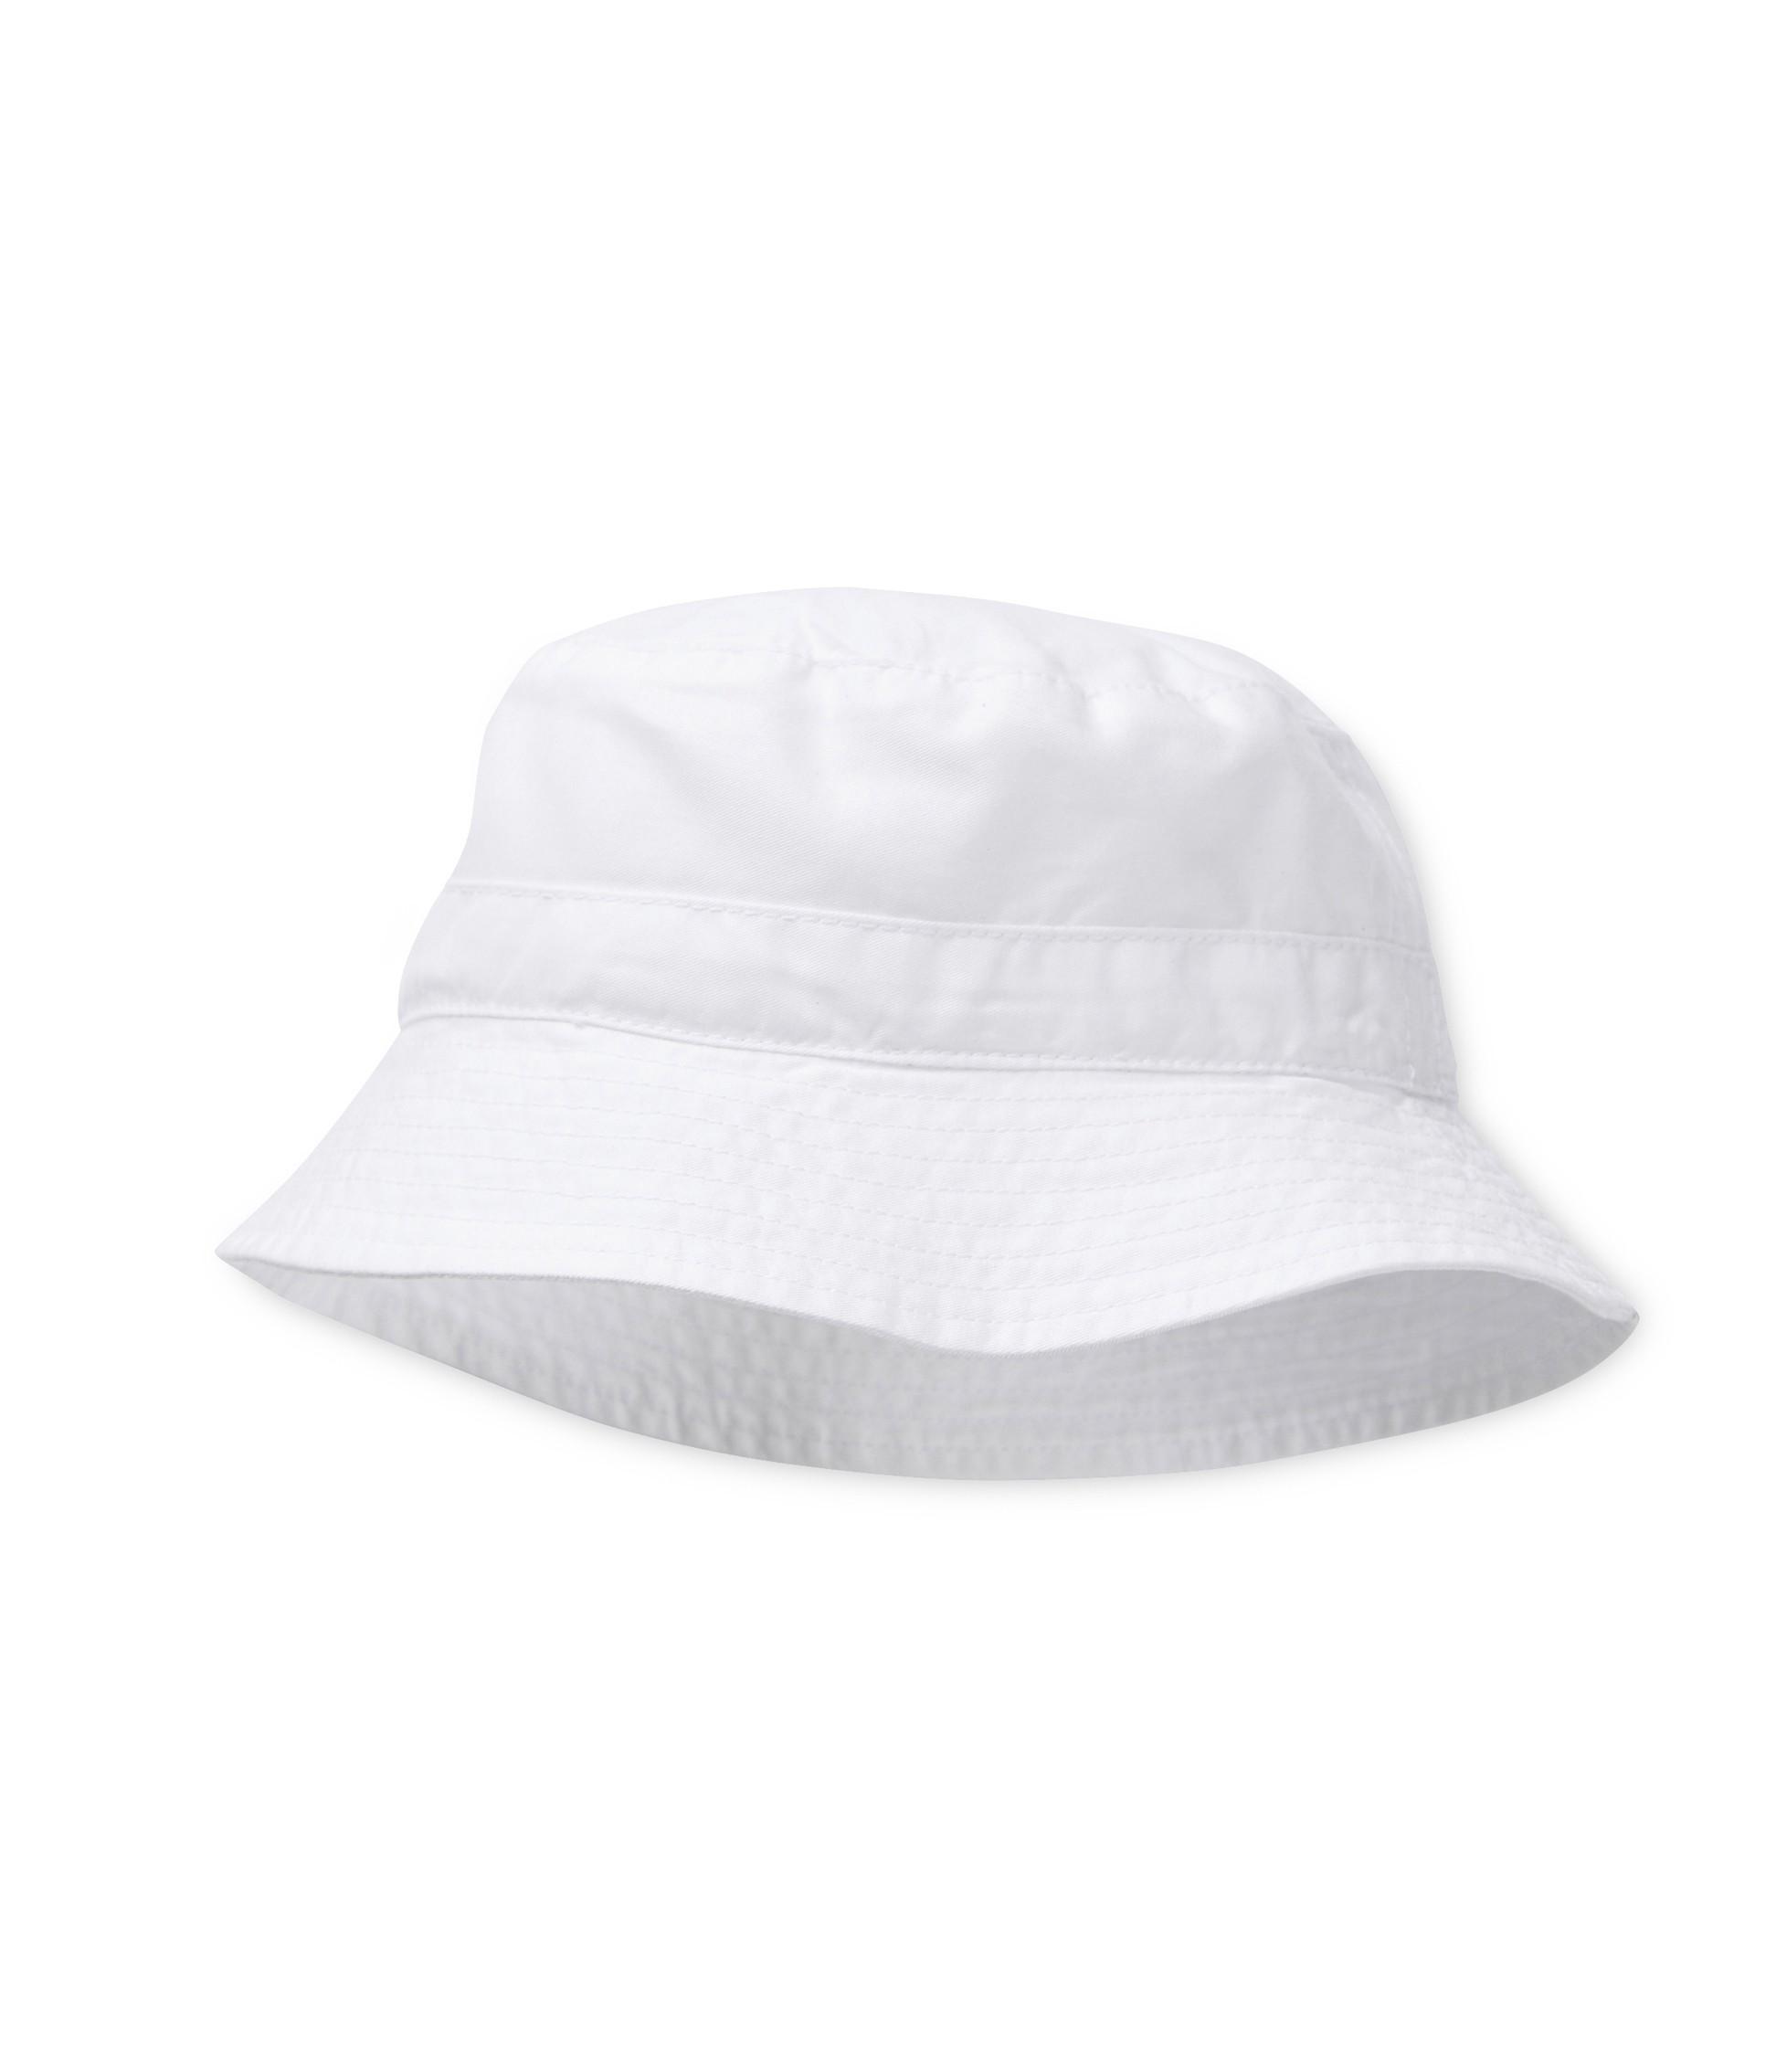 Baby boy bucket hat in plain serge - petit-bateau.gr 281e8a793d9